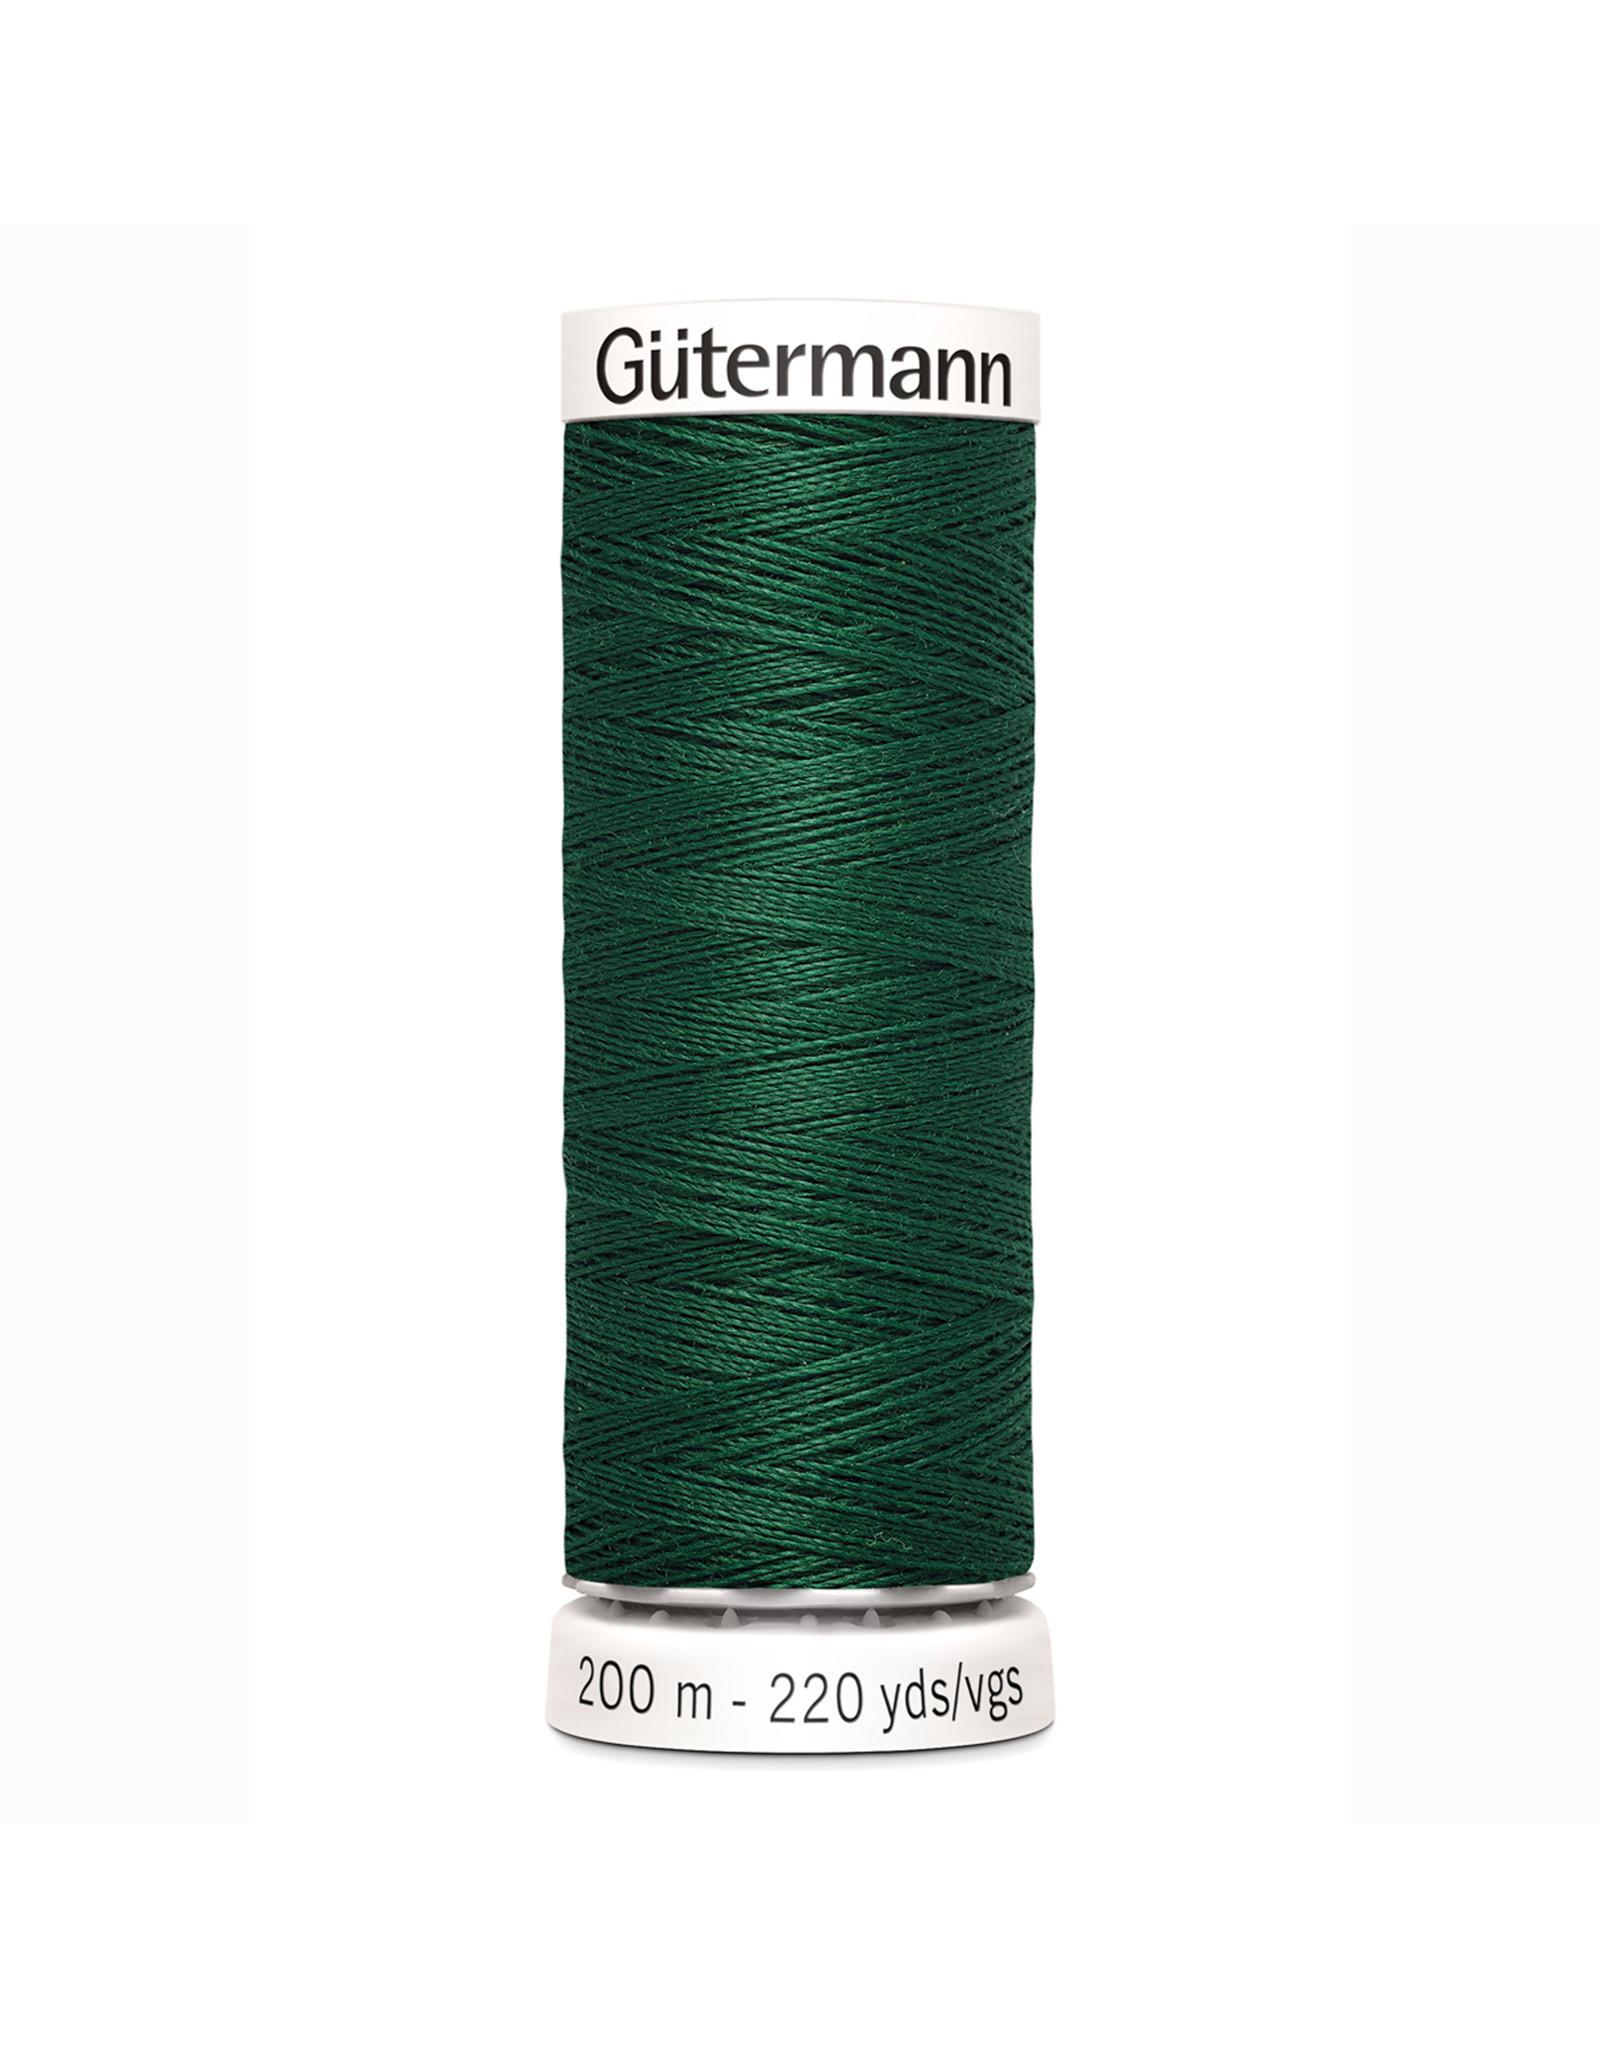 Gütermann Gütermann Nähgarn 200 m - nr 340